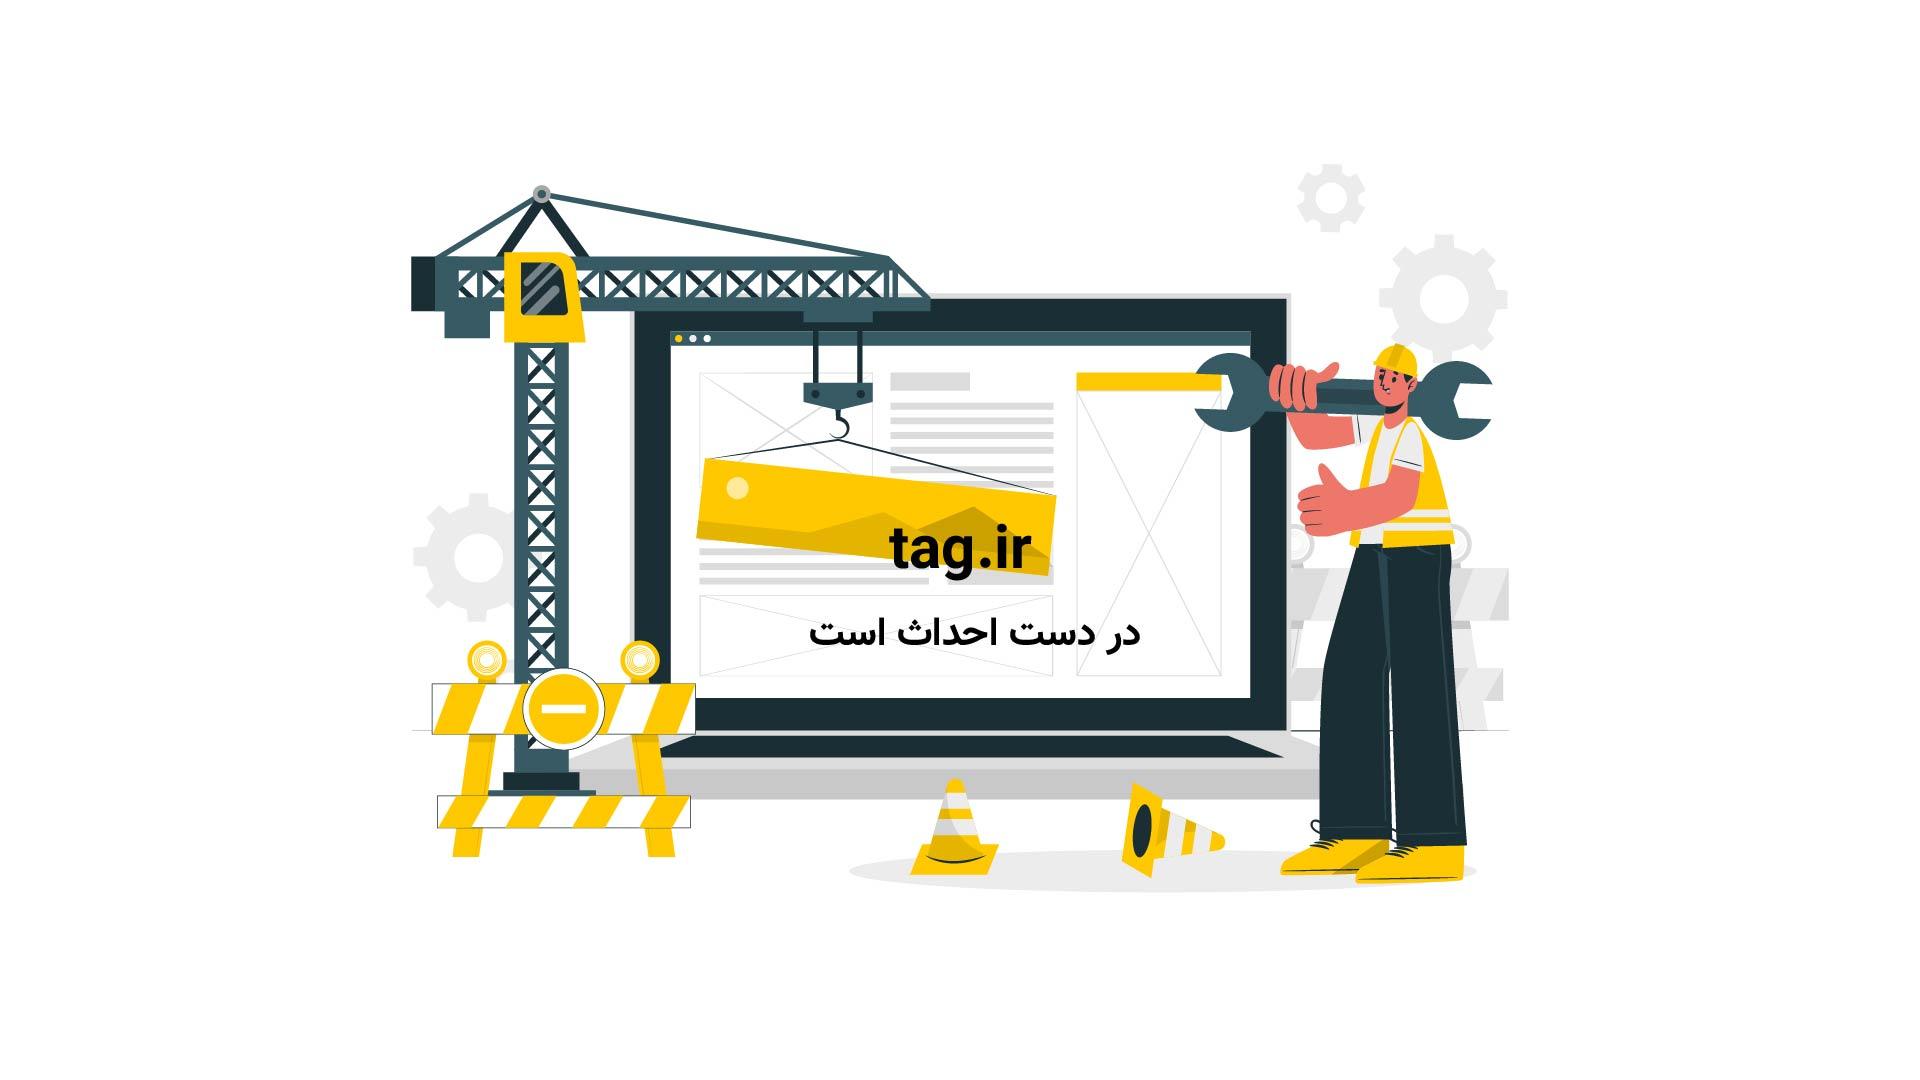 عناوین روزنامه های صبح شنبه 31 تیر | فیلم